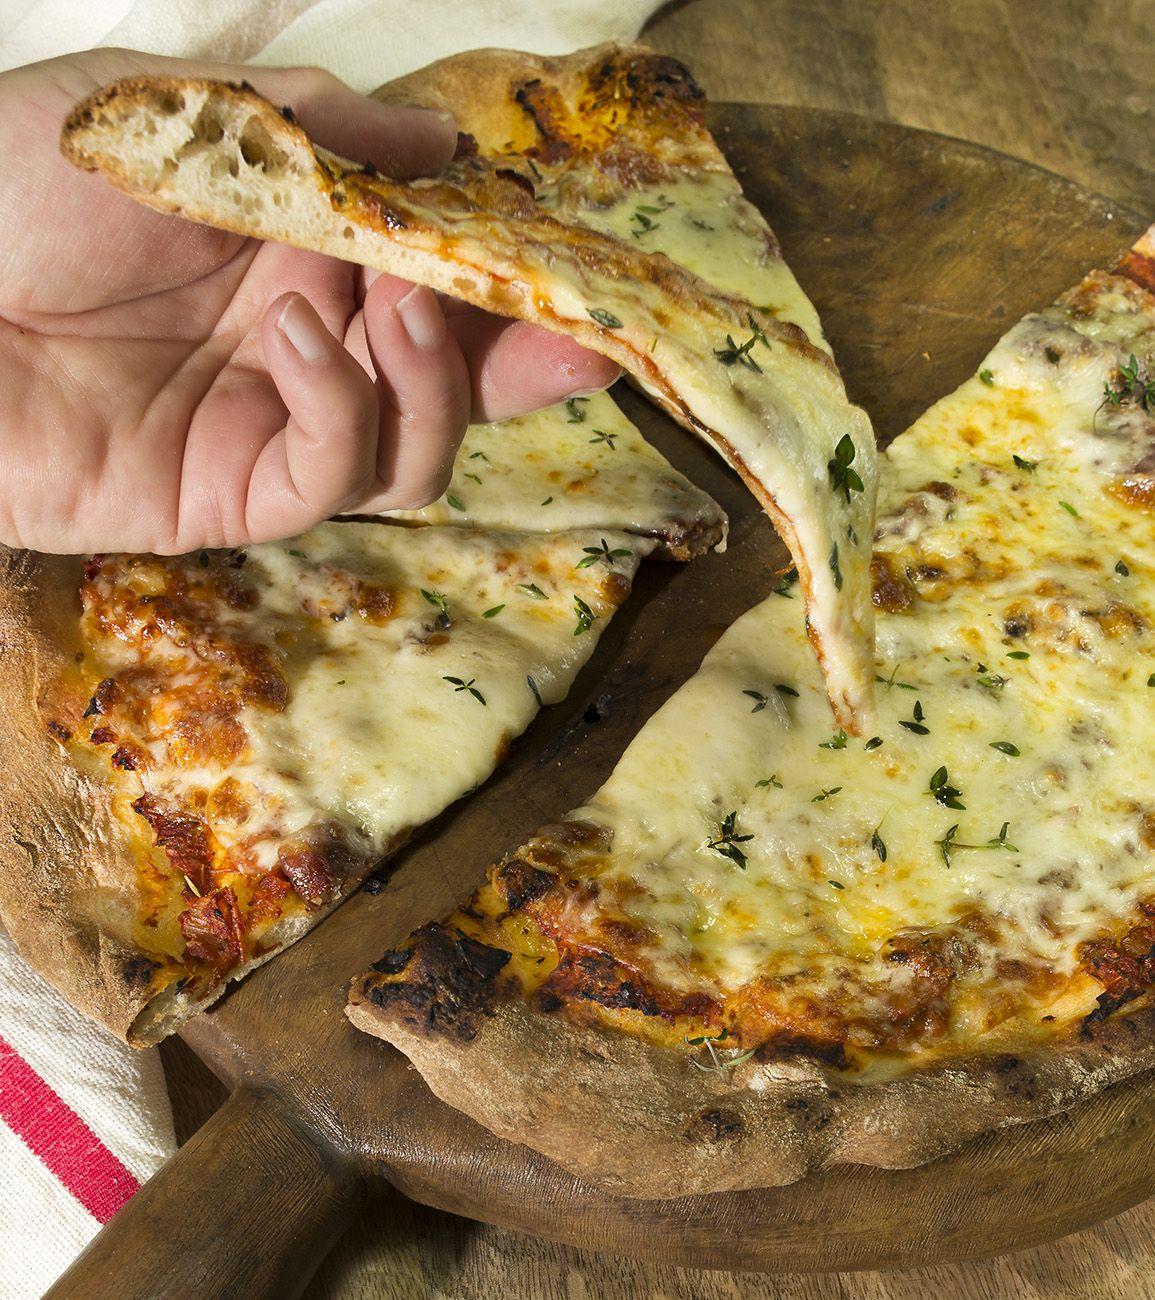 Pizza Rapida Y Sencilla En 30 Minutos La Cocina De Frabisa Receta Comida Recetas Para Cocinar Recetas De Pizza